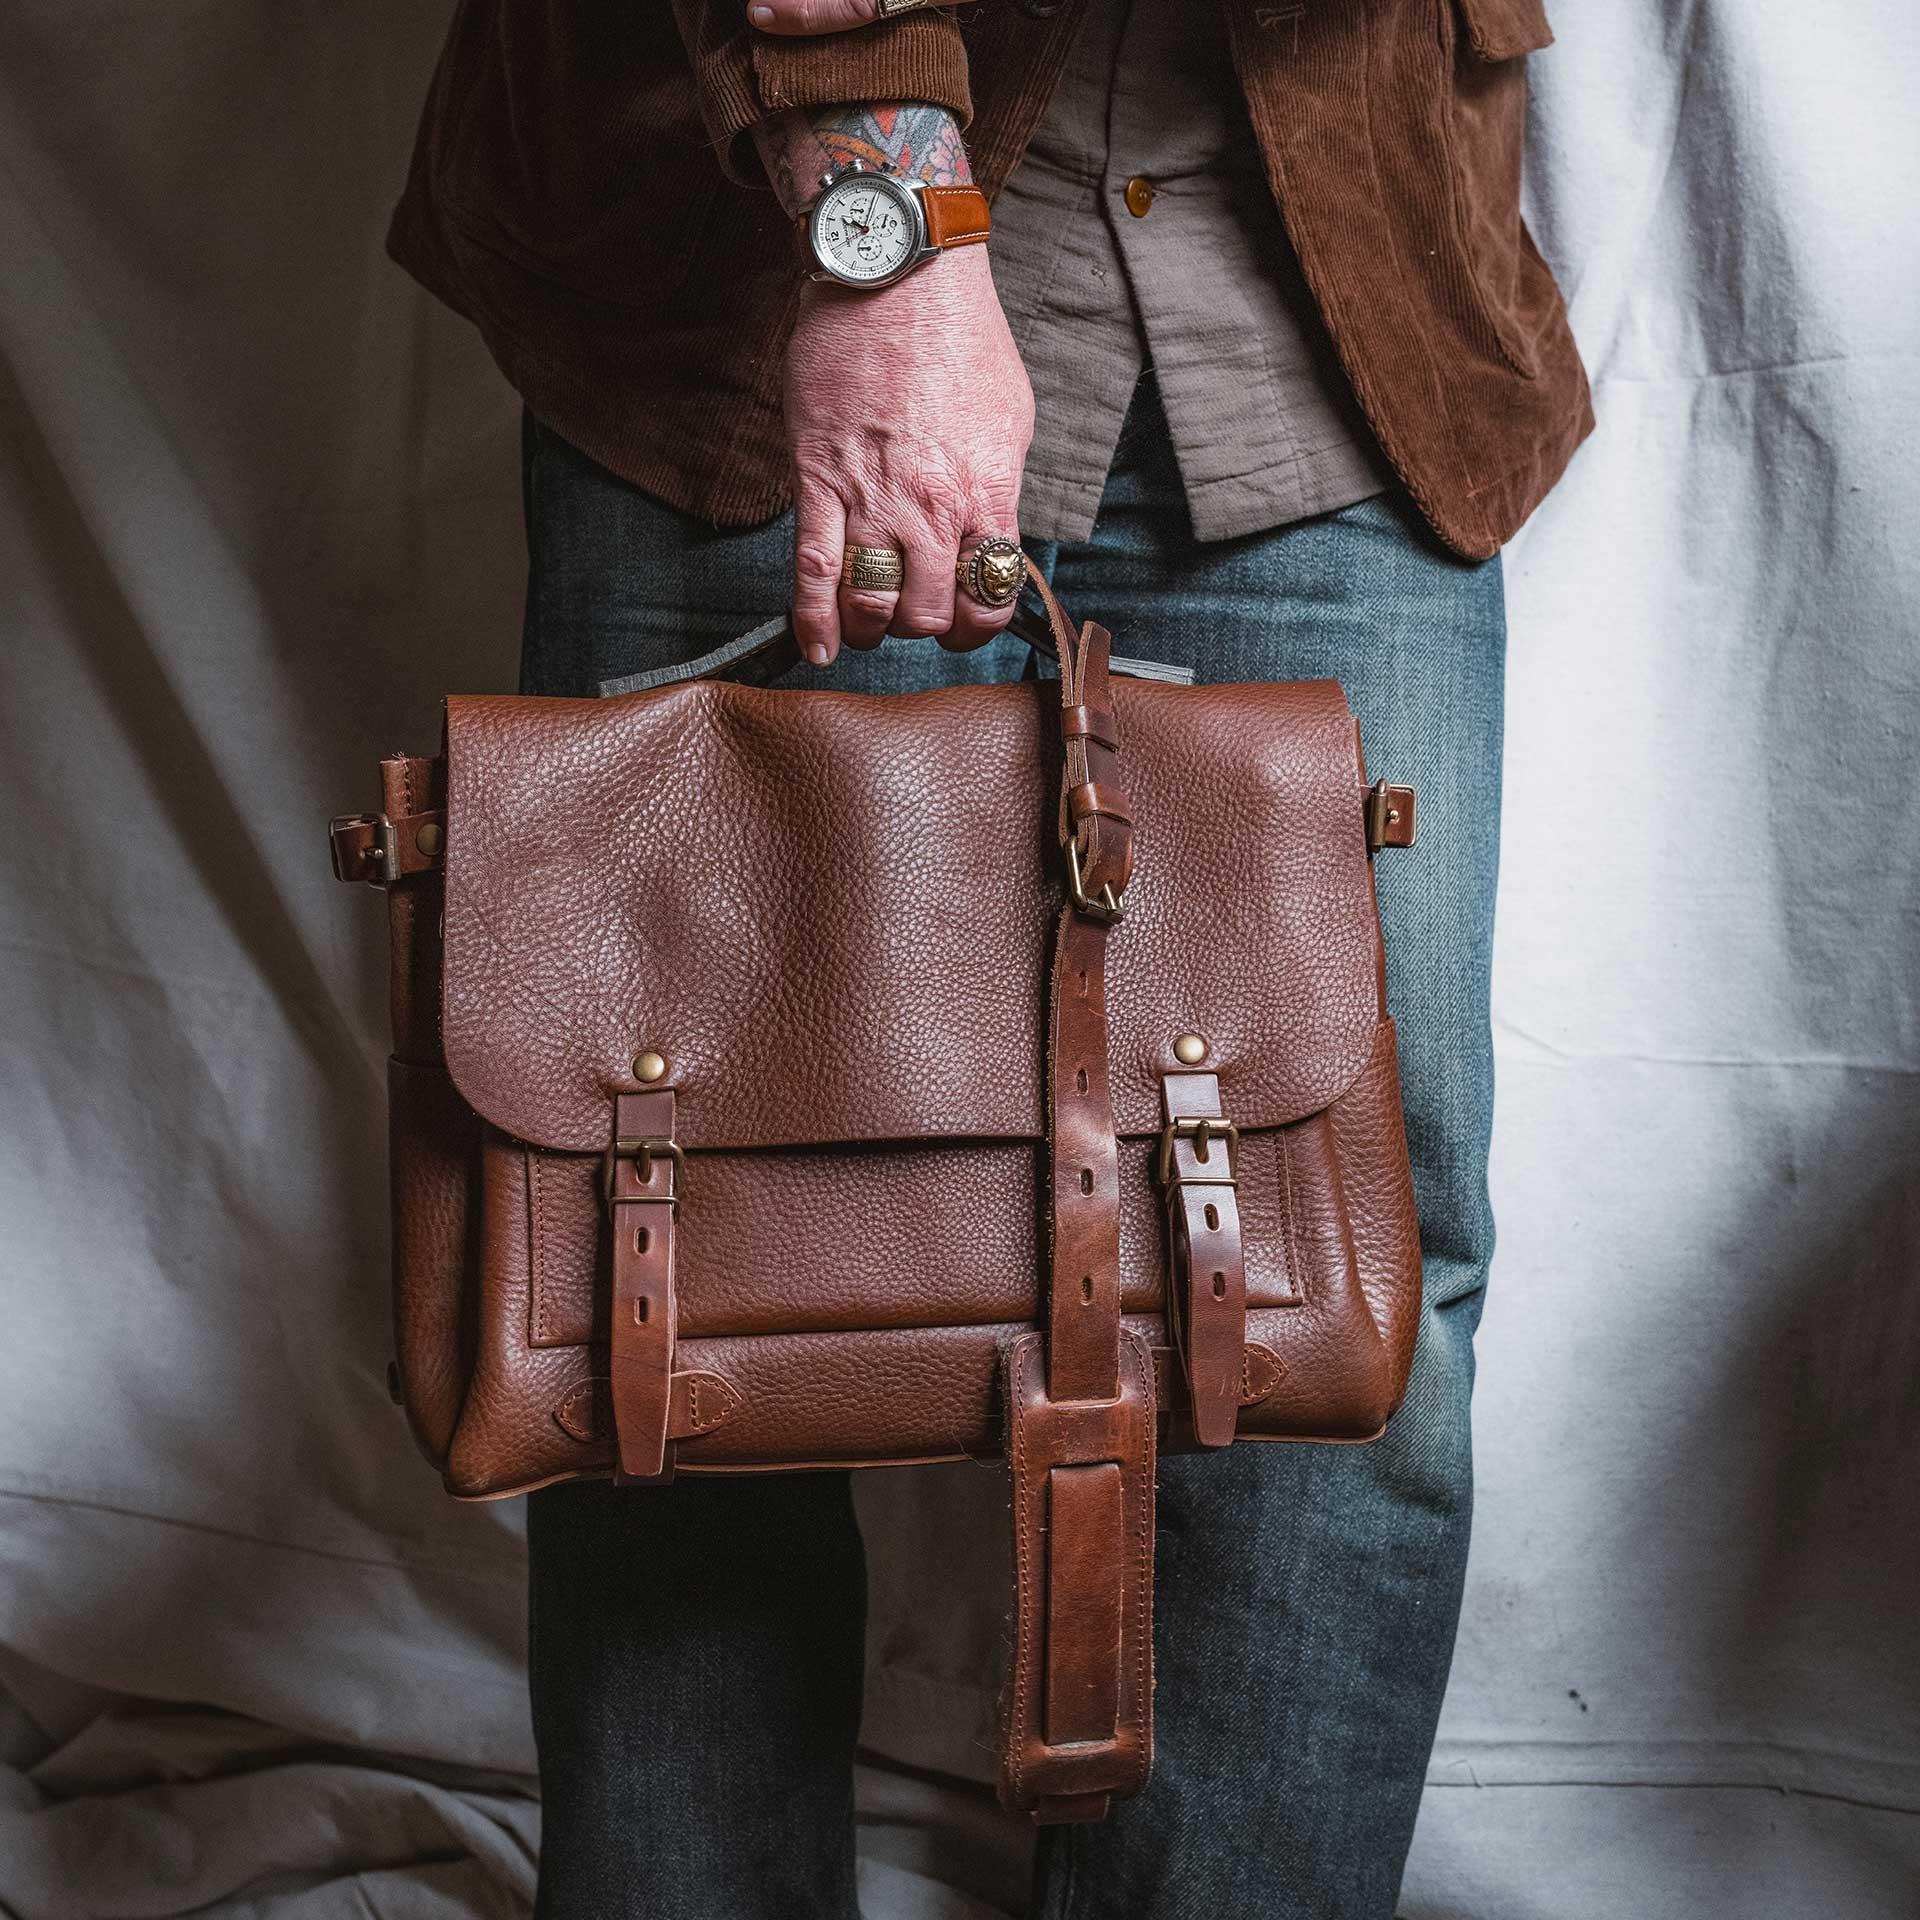 Postman bag Eclair M - Dark Brown (image n°6)